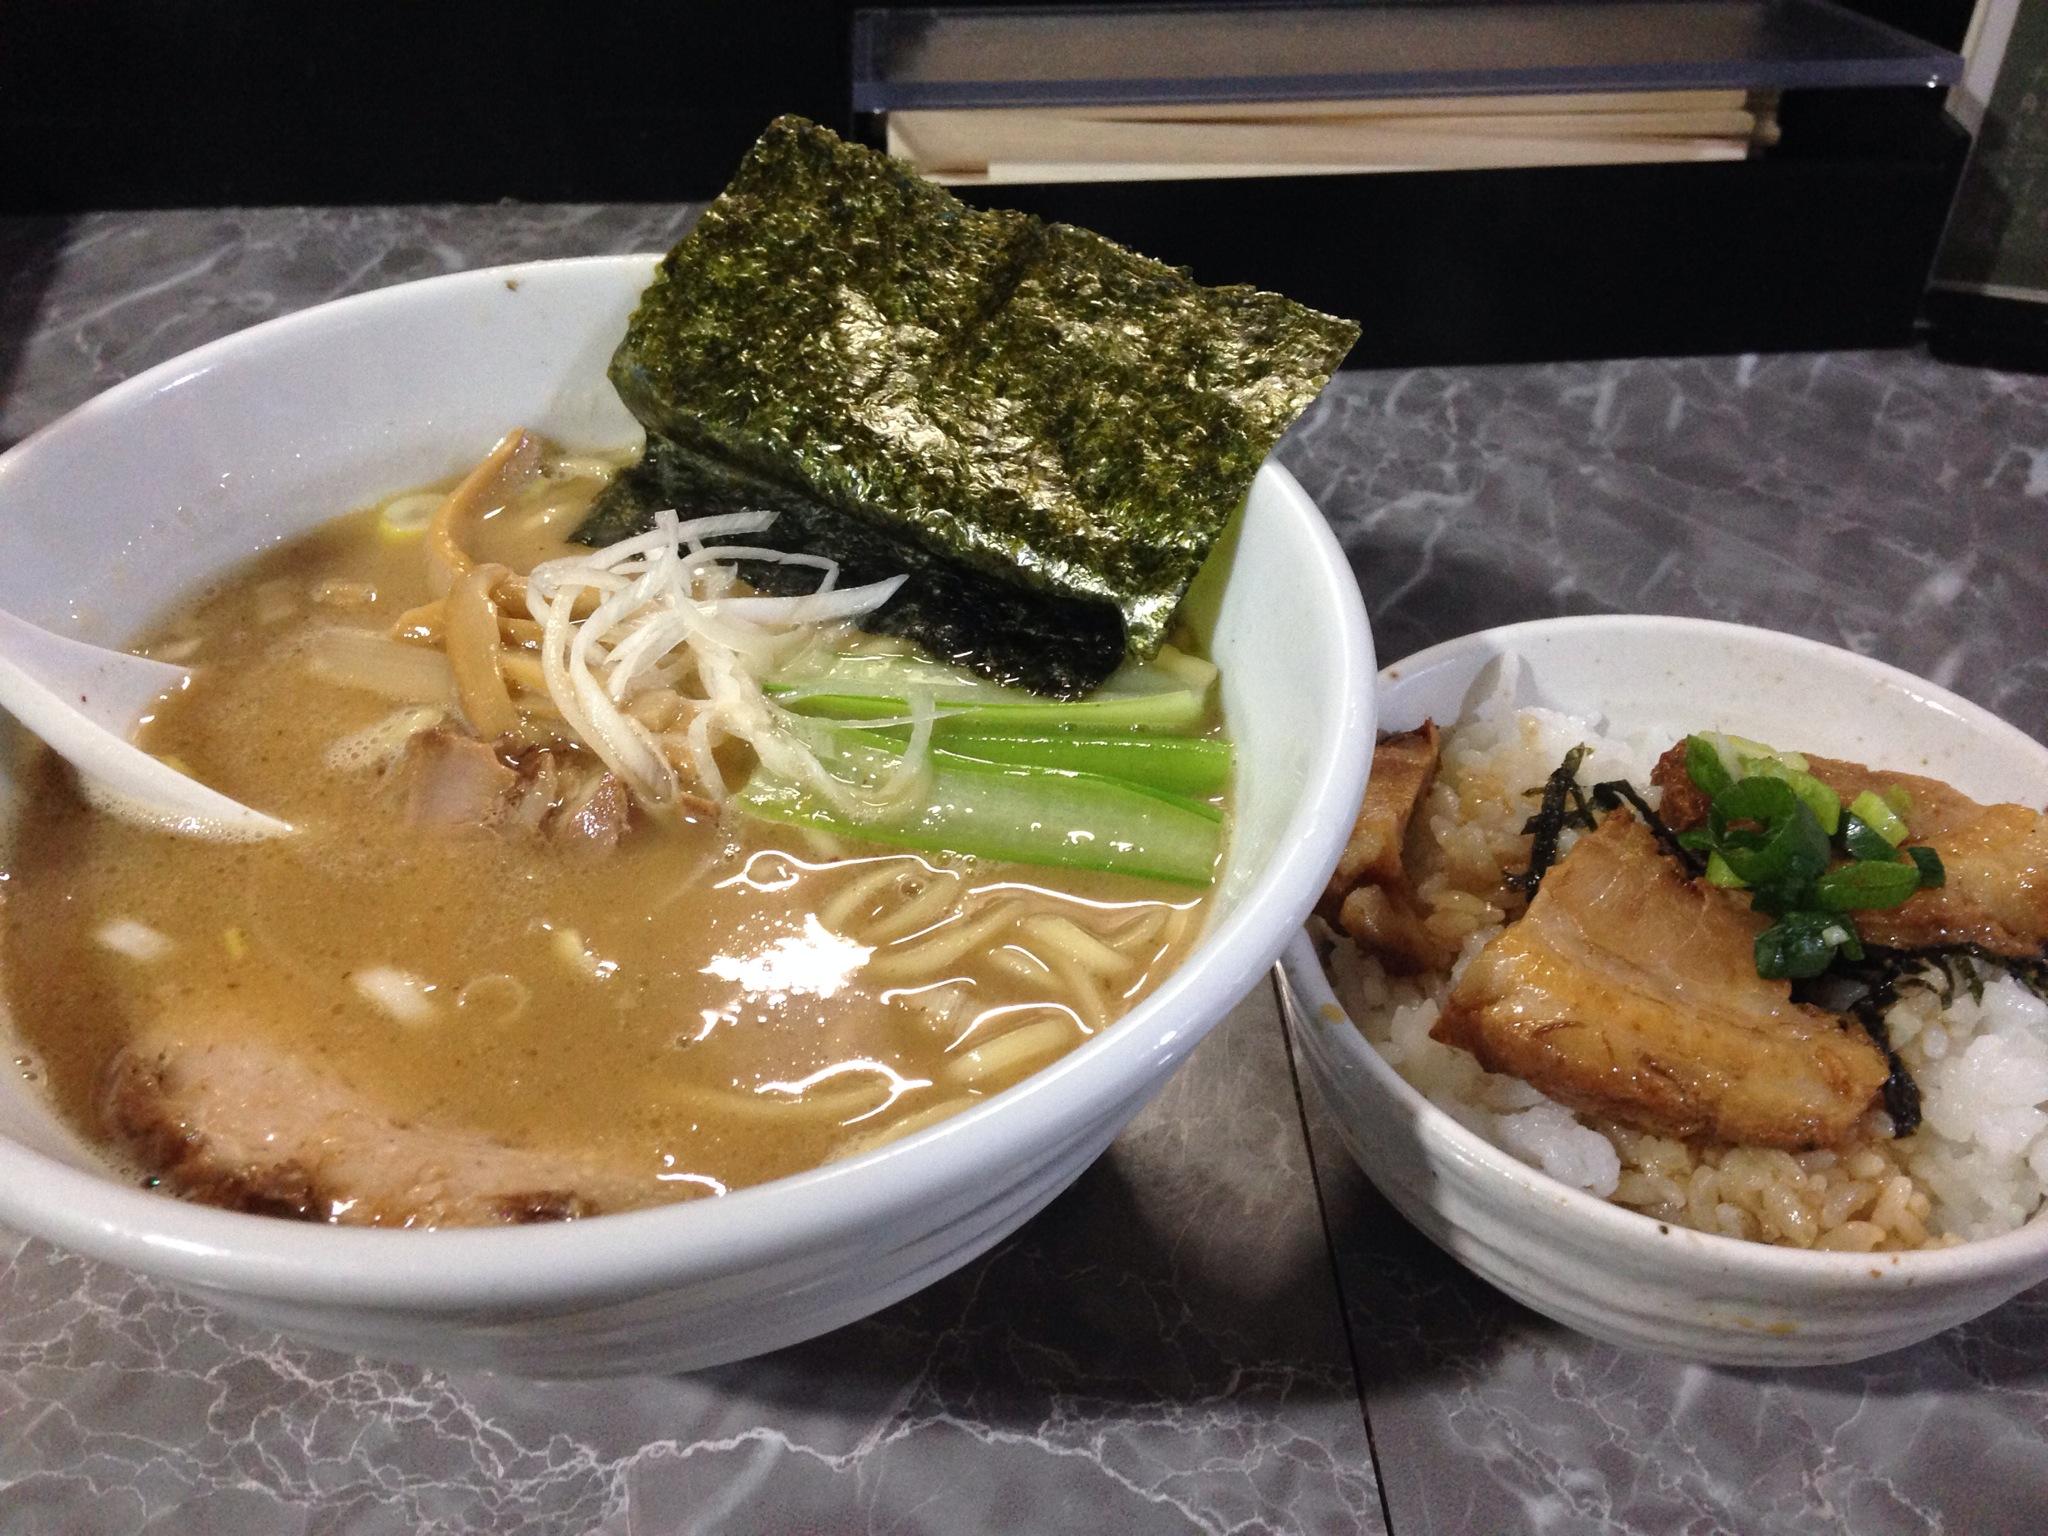 製麺Rabo、西新宿五丁目の絶品ラーメン屋は、食べ歩き史上No.1のモチモチ麺!リピーター入り確定です!